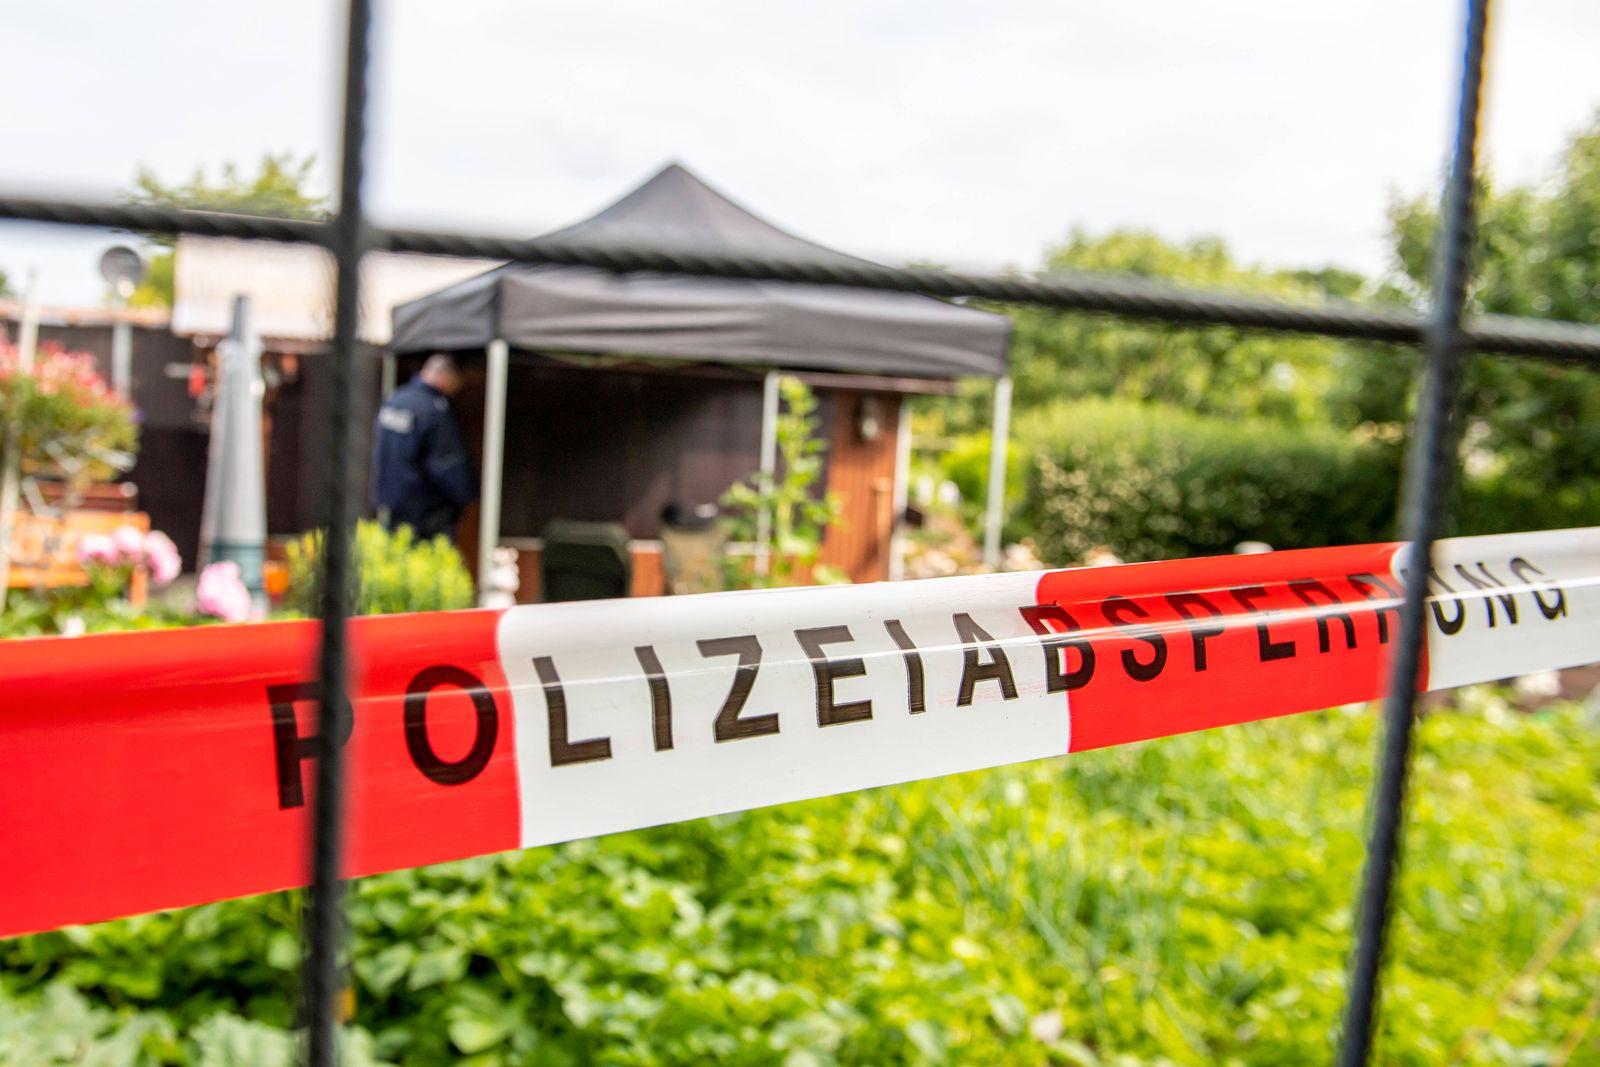 Kindesmissbrauch in Münster Gesellschaft: Kriminalität, Prozesse. Die Polizei hat die Gartenlaube in der Kleingartenanl